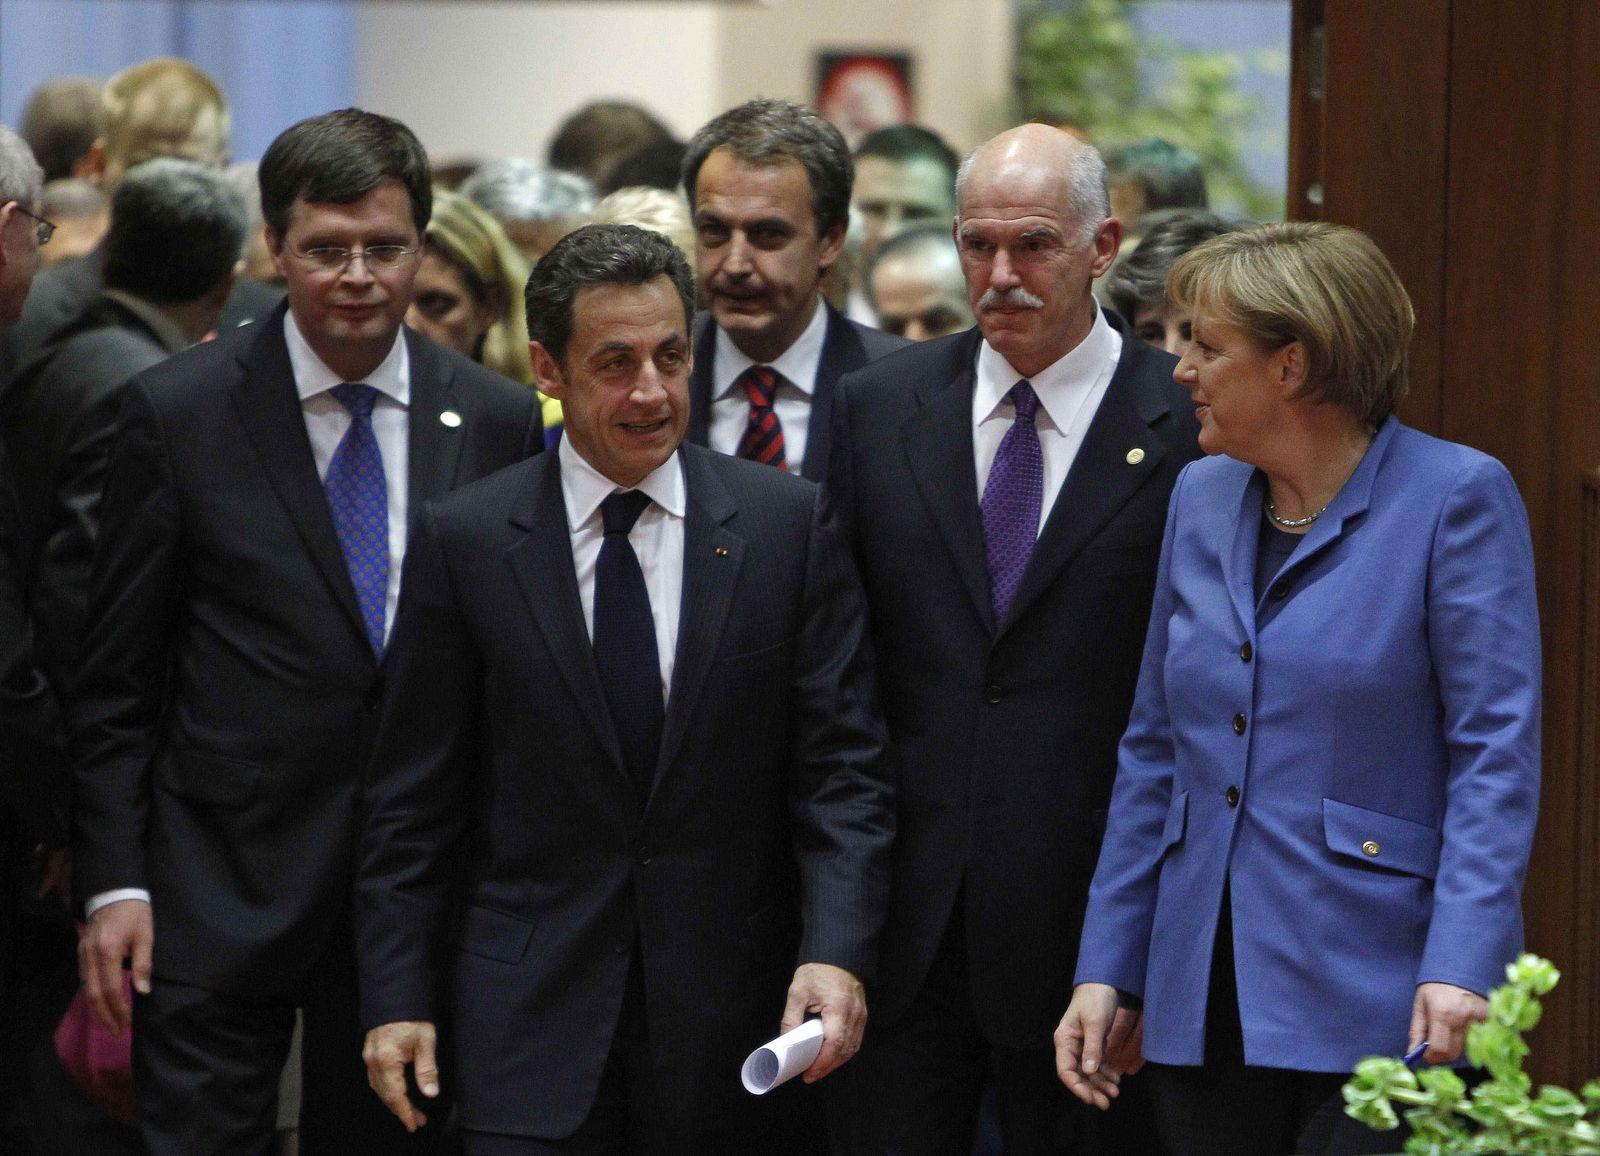 Merkel / Sarkozy / Zapatero